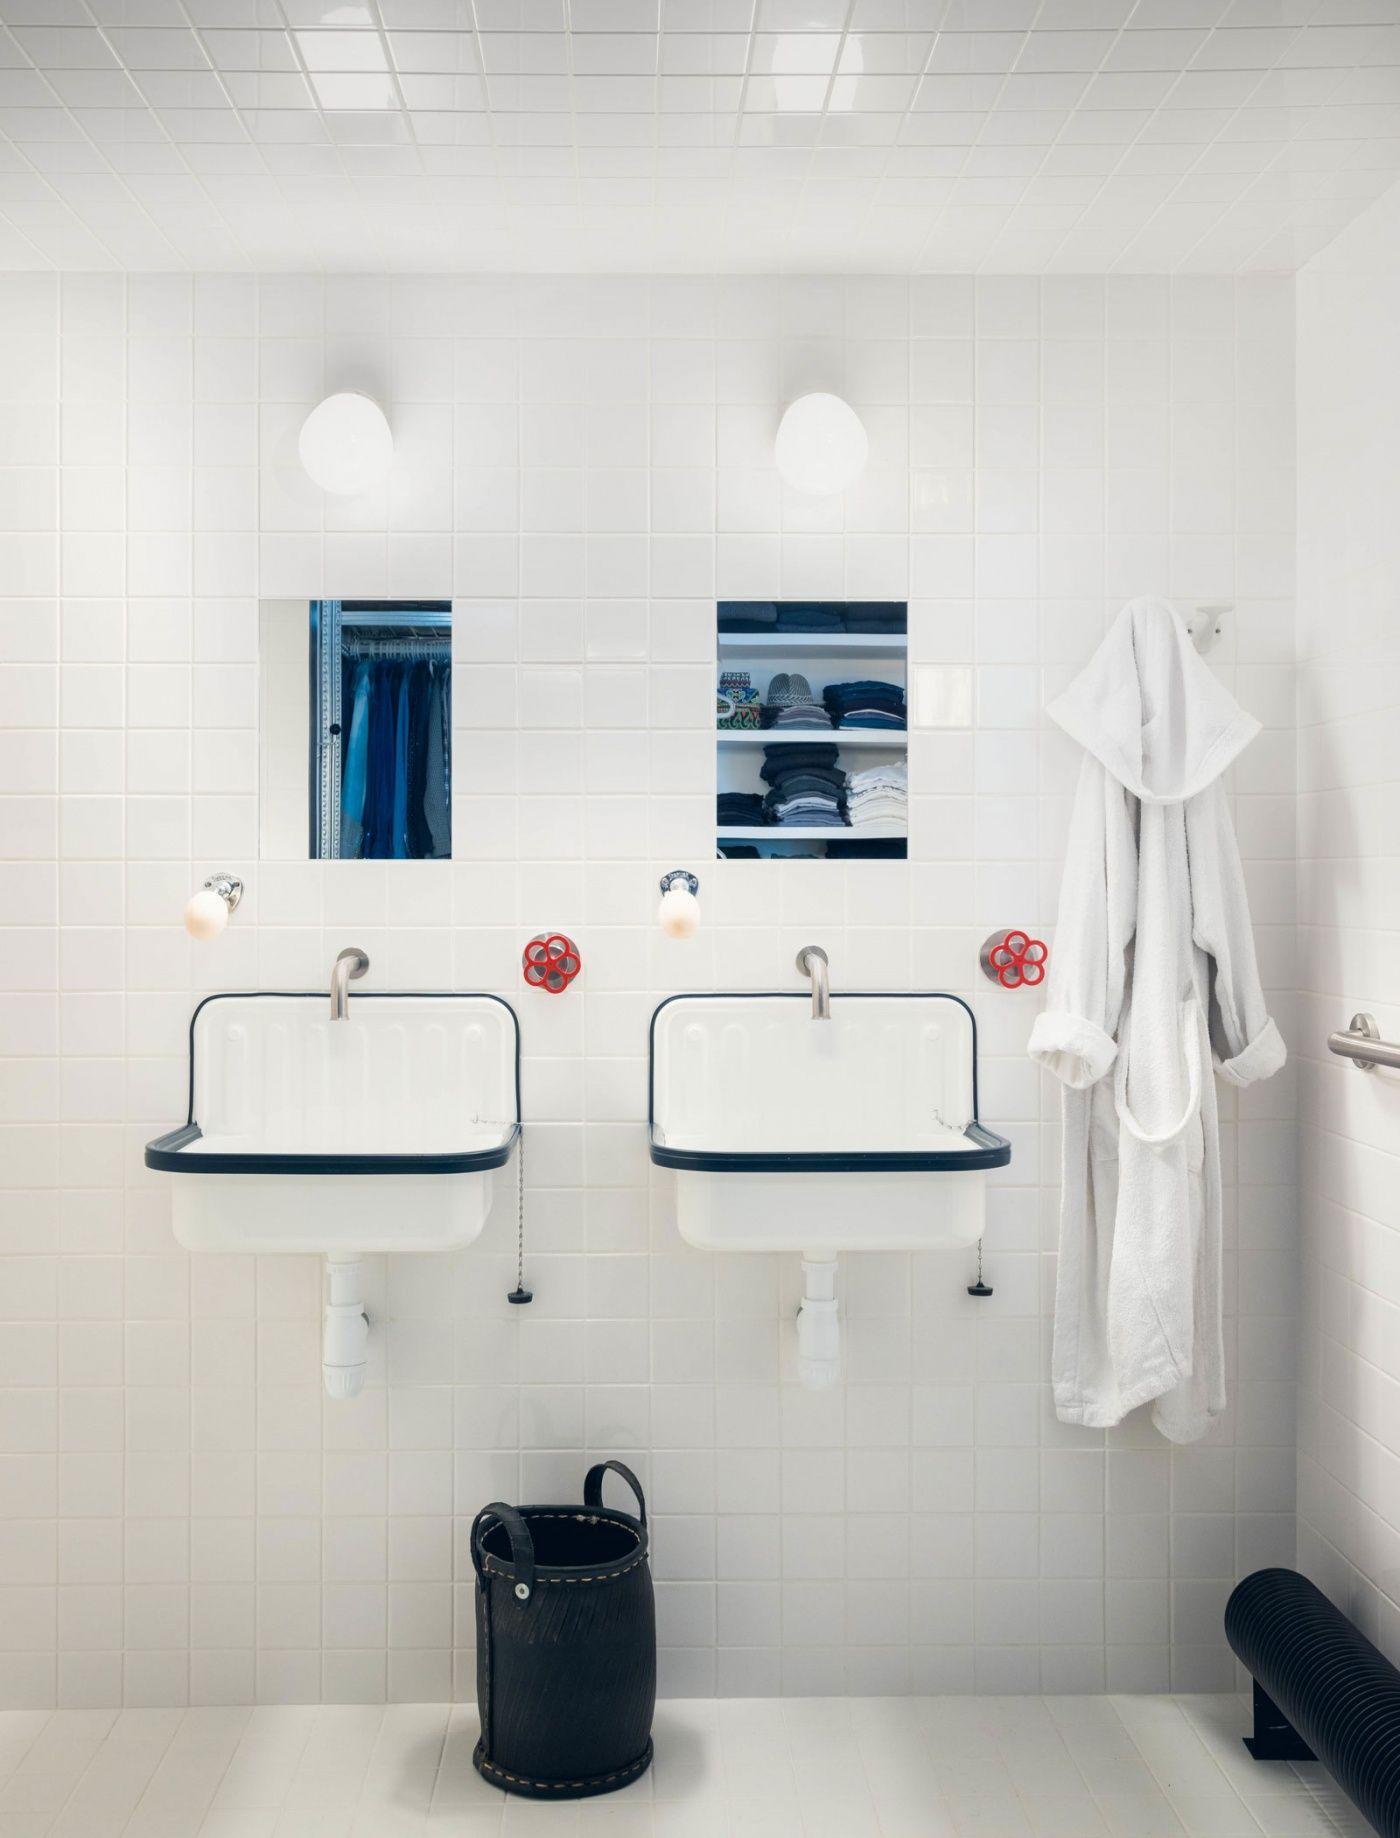 Reporter Wnetrz Ausgussbecken Badezimmer Renovieren Inneneinrichtung